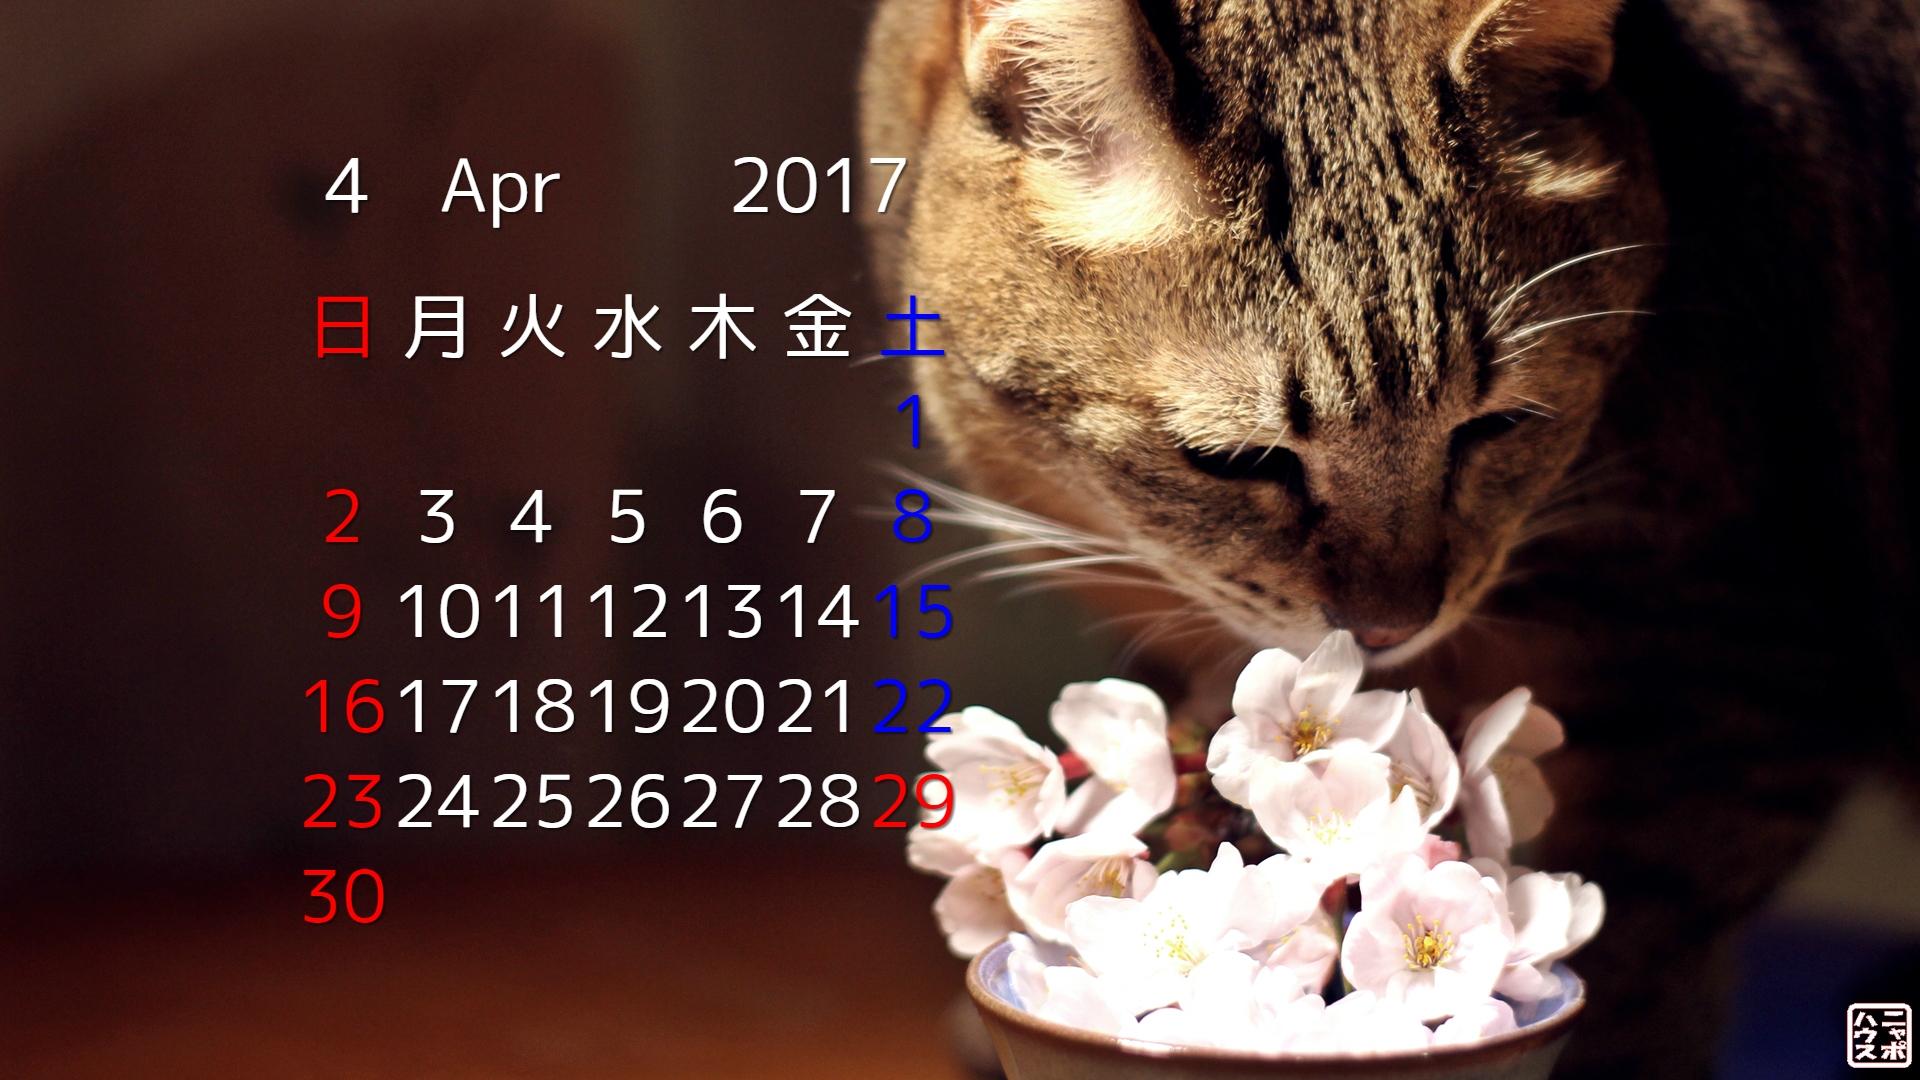 2017年4月 猫デスクトップカレンダーその2